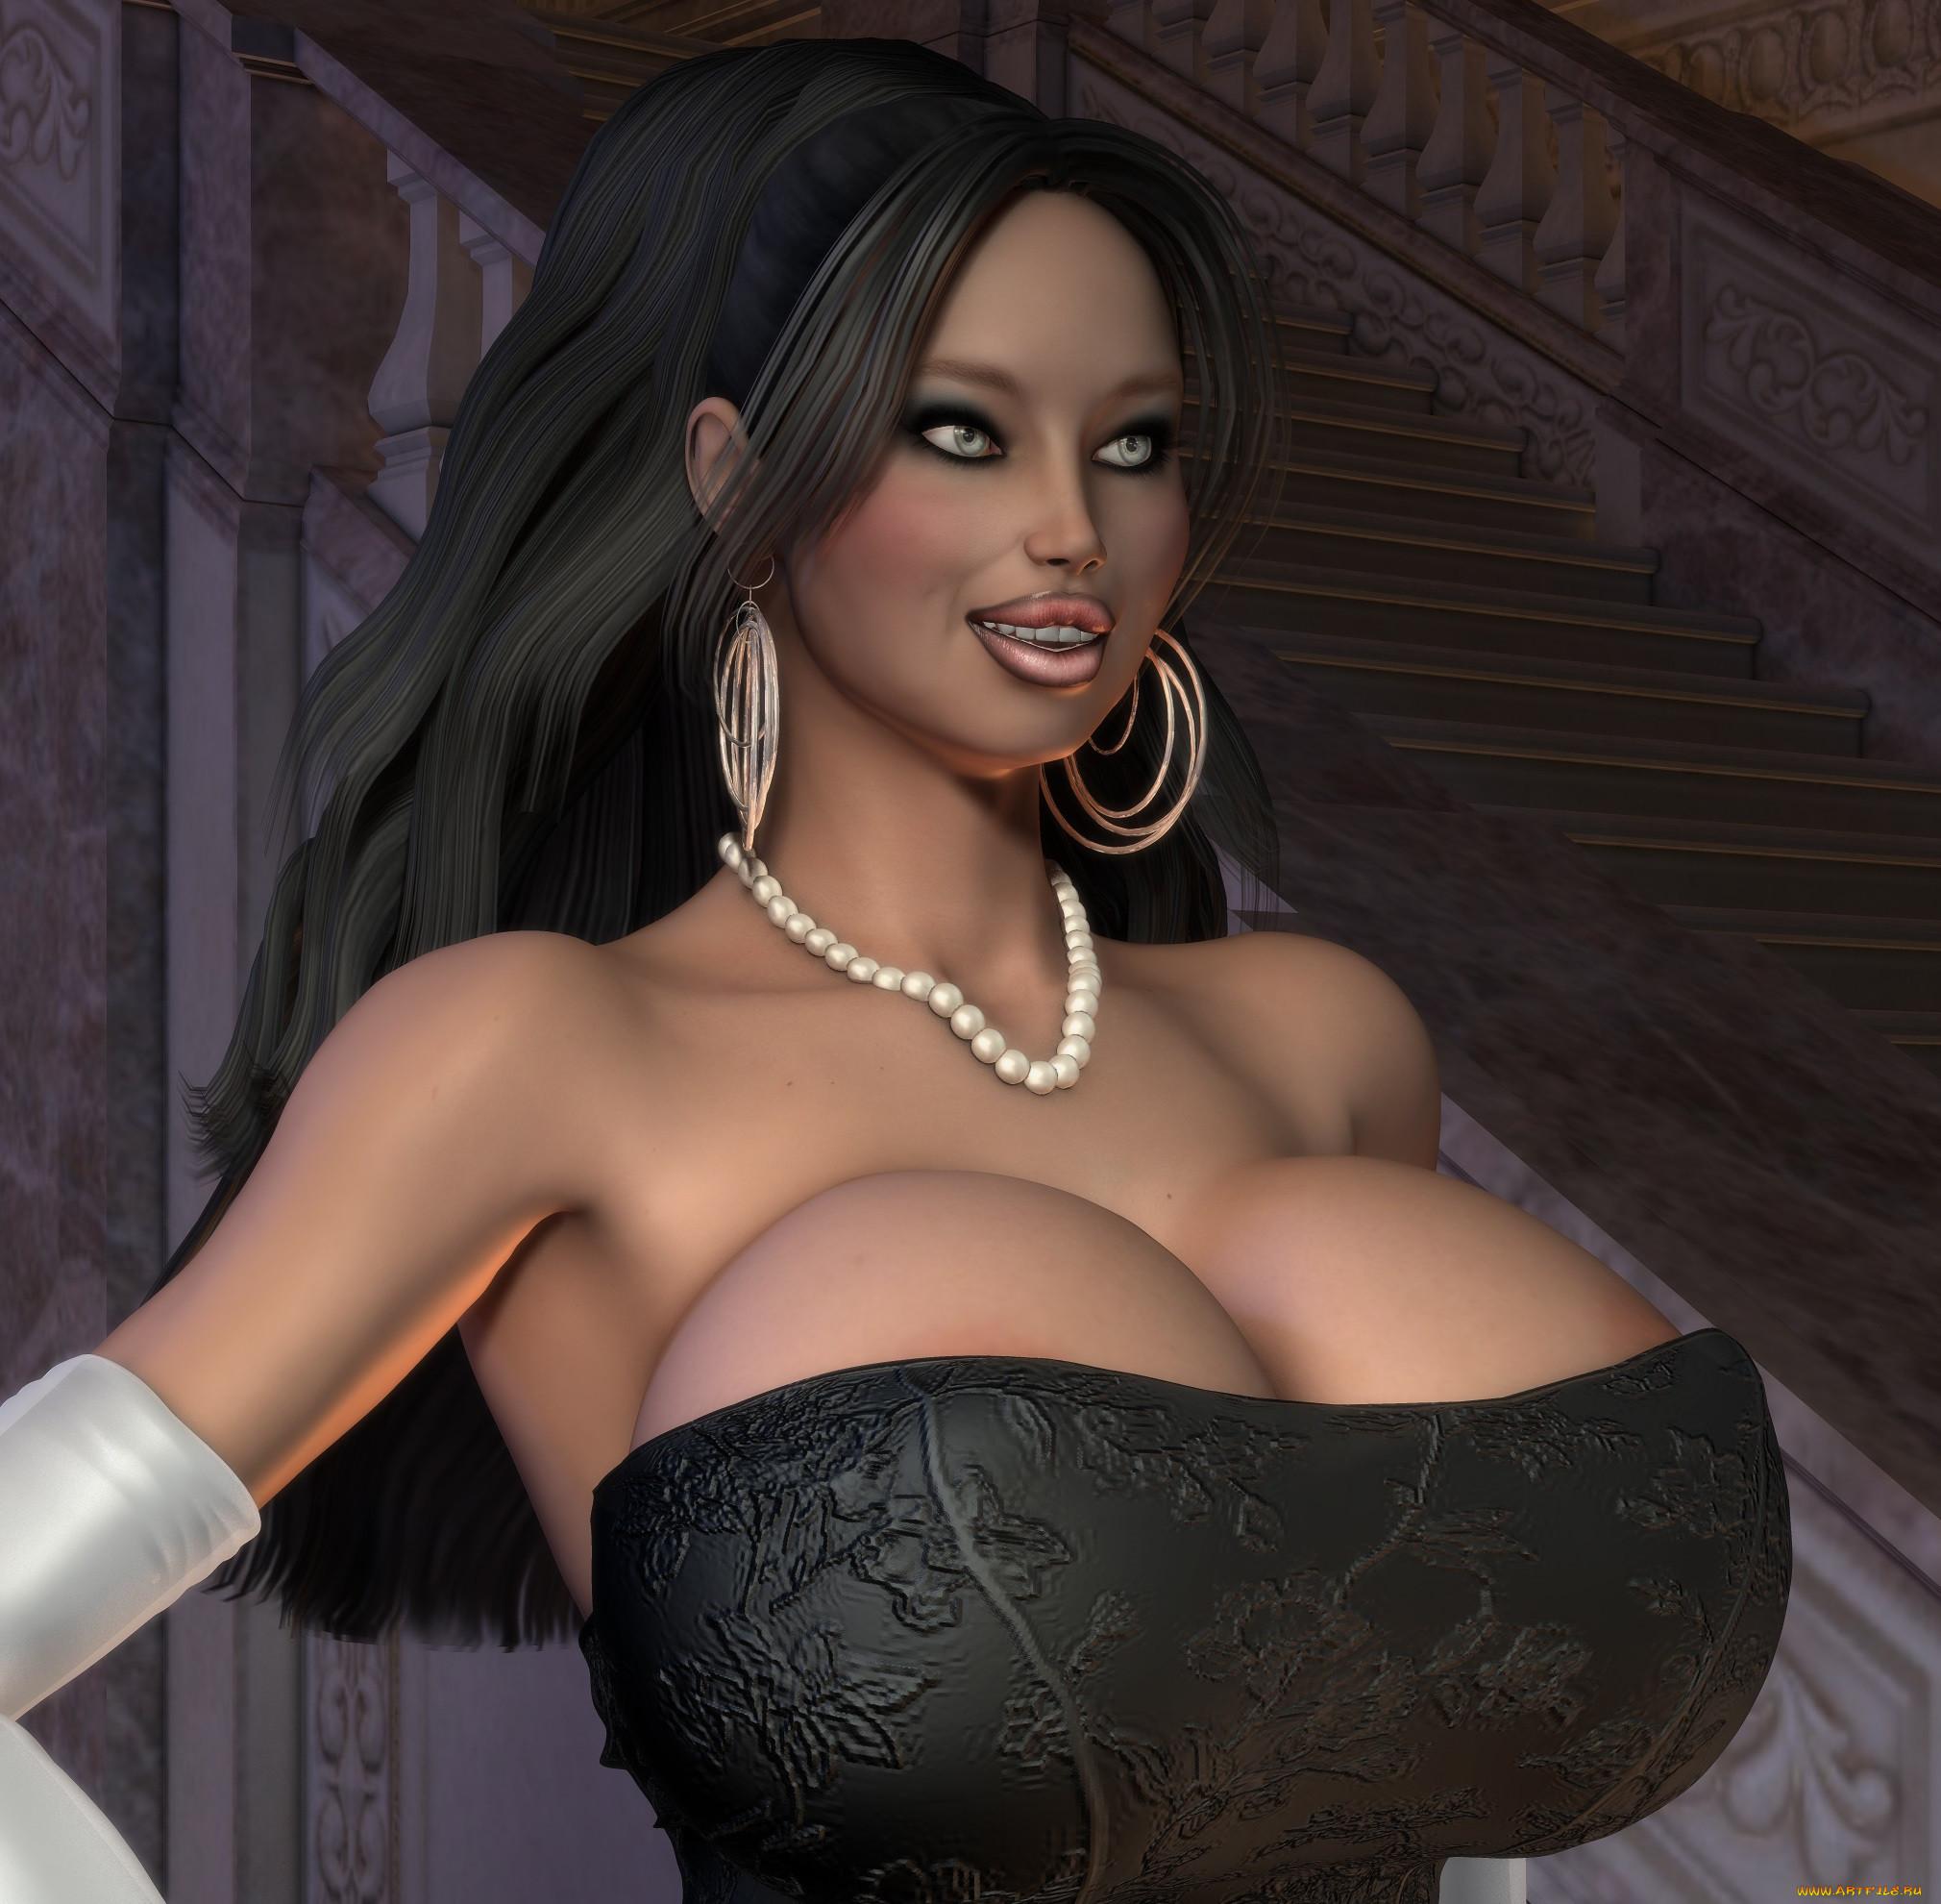 3d big breasts pics exposed photo